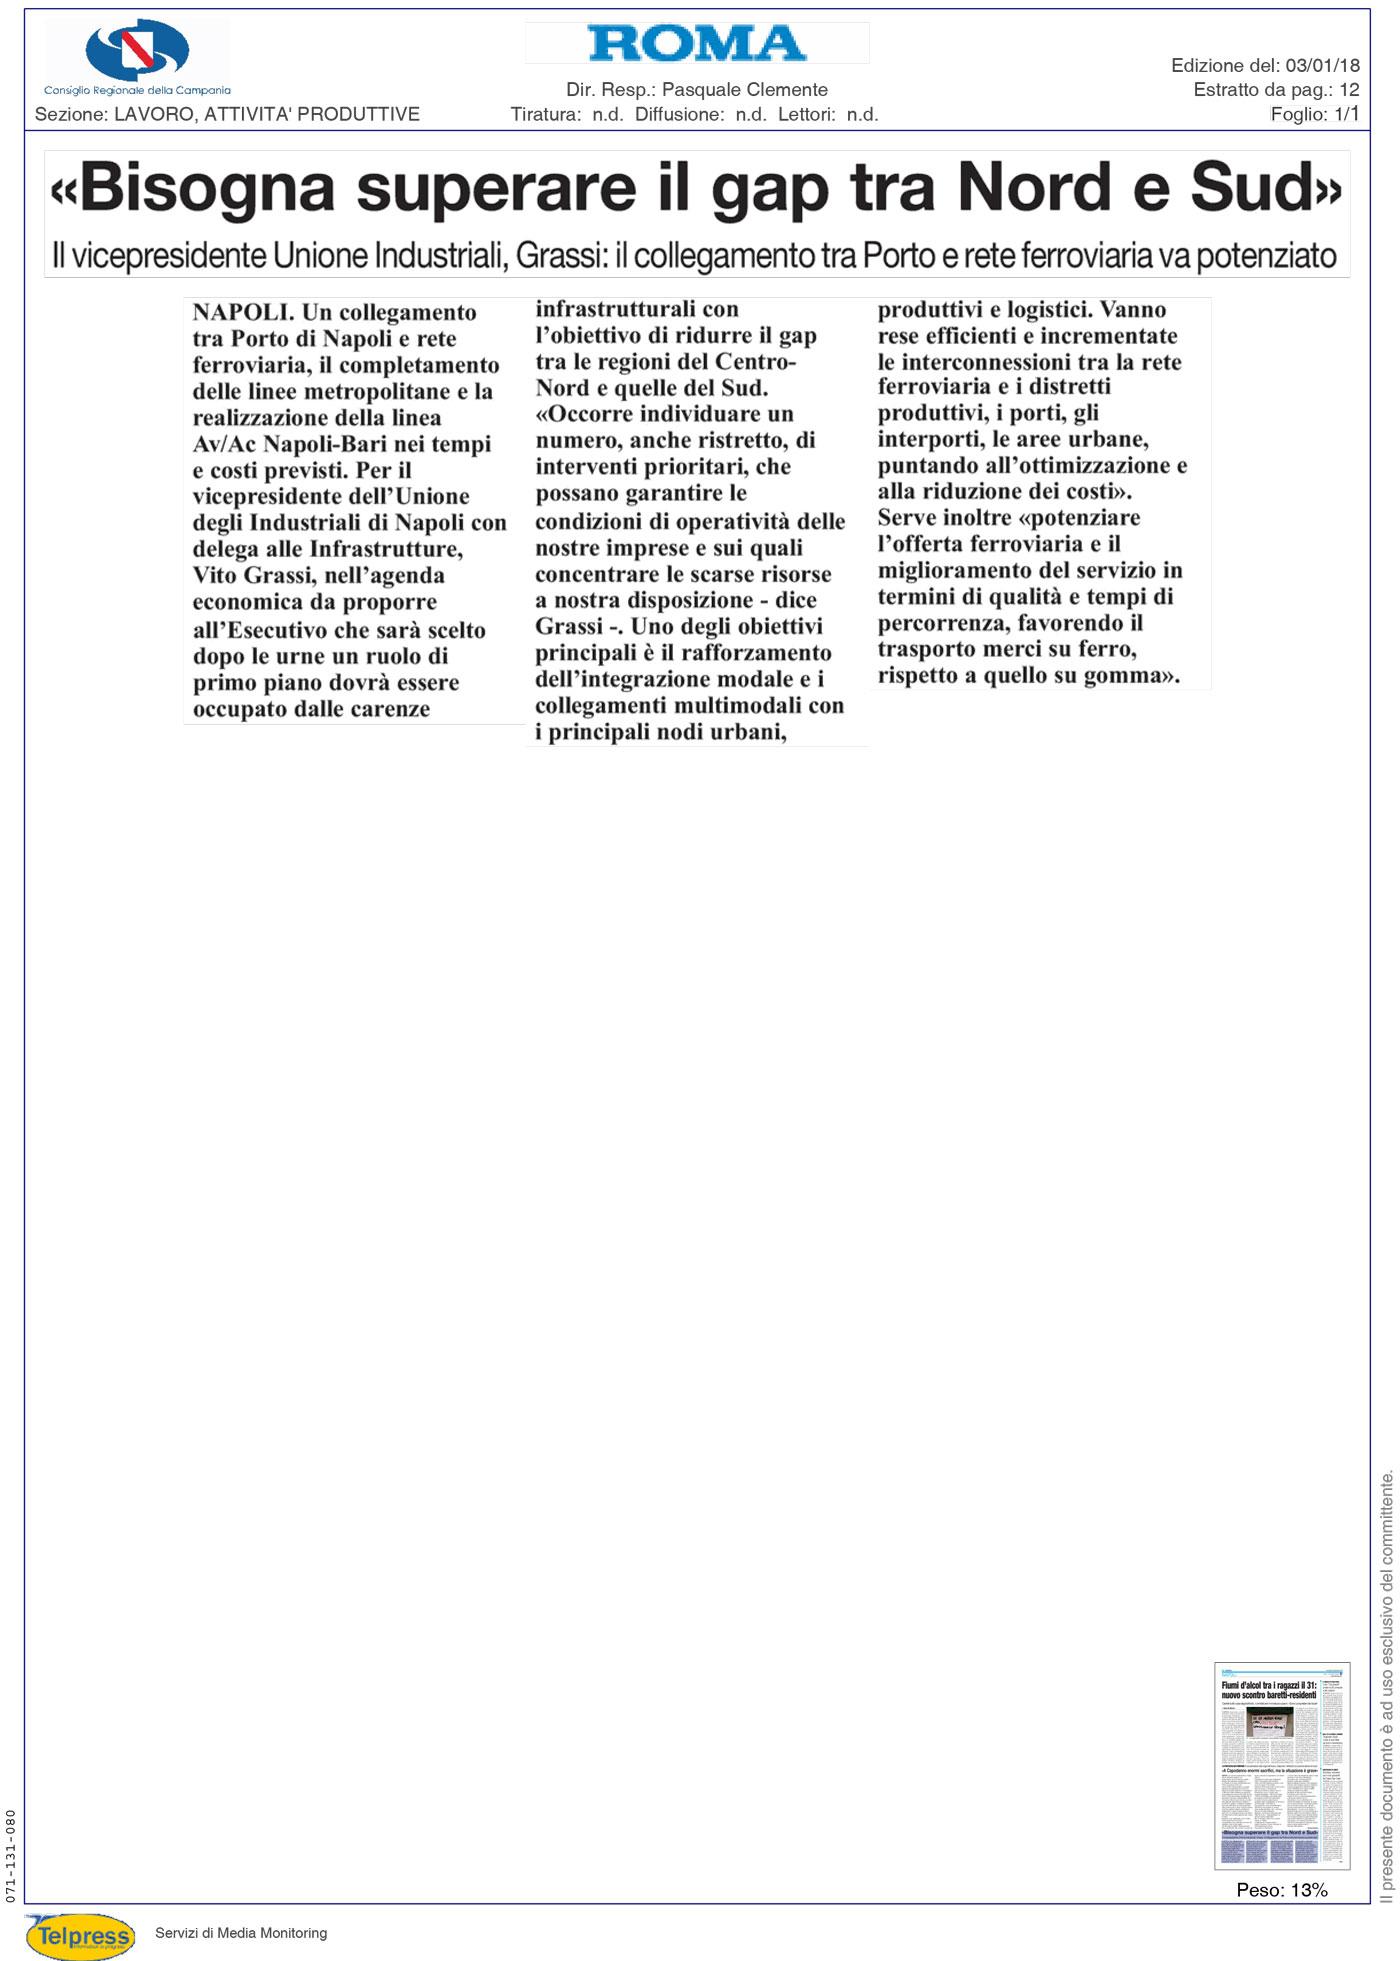 3-Gennaio-2018-il-roma-quotidiano